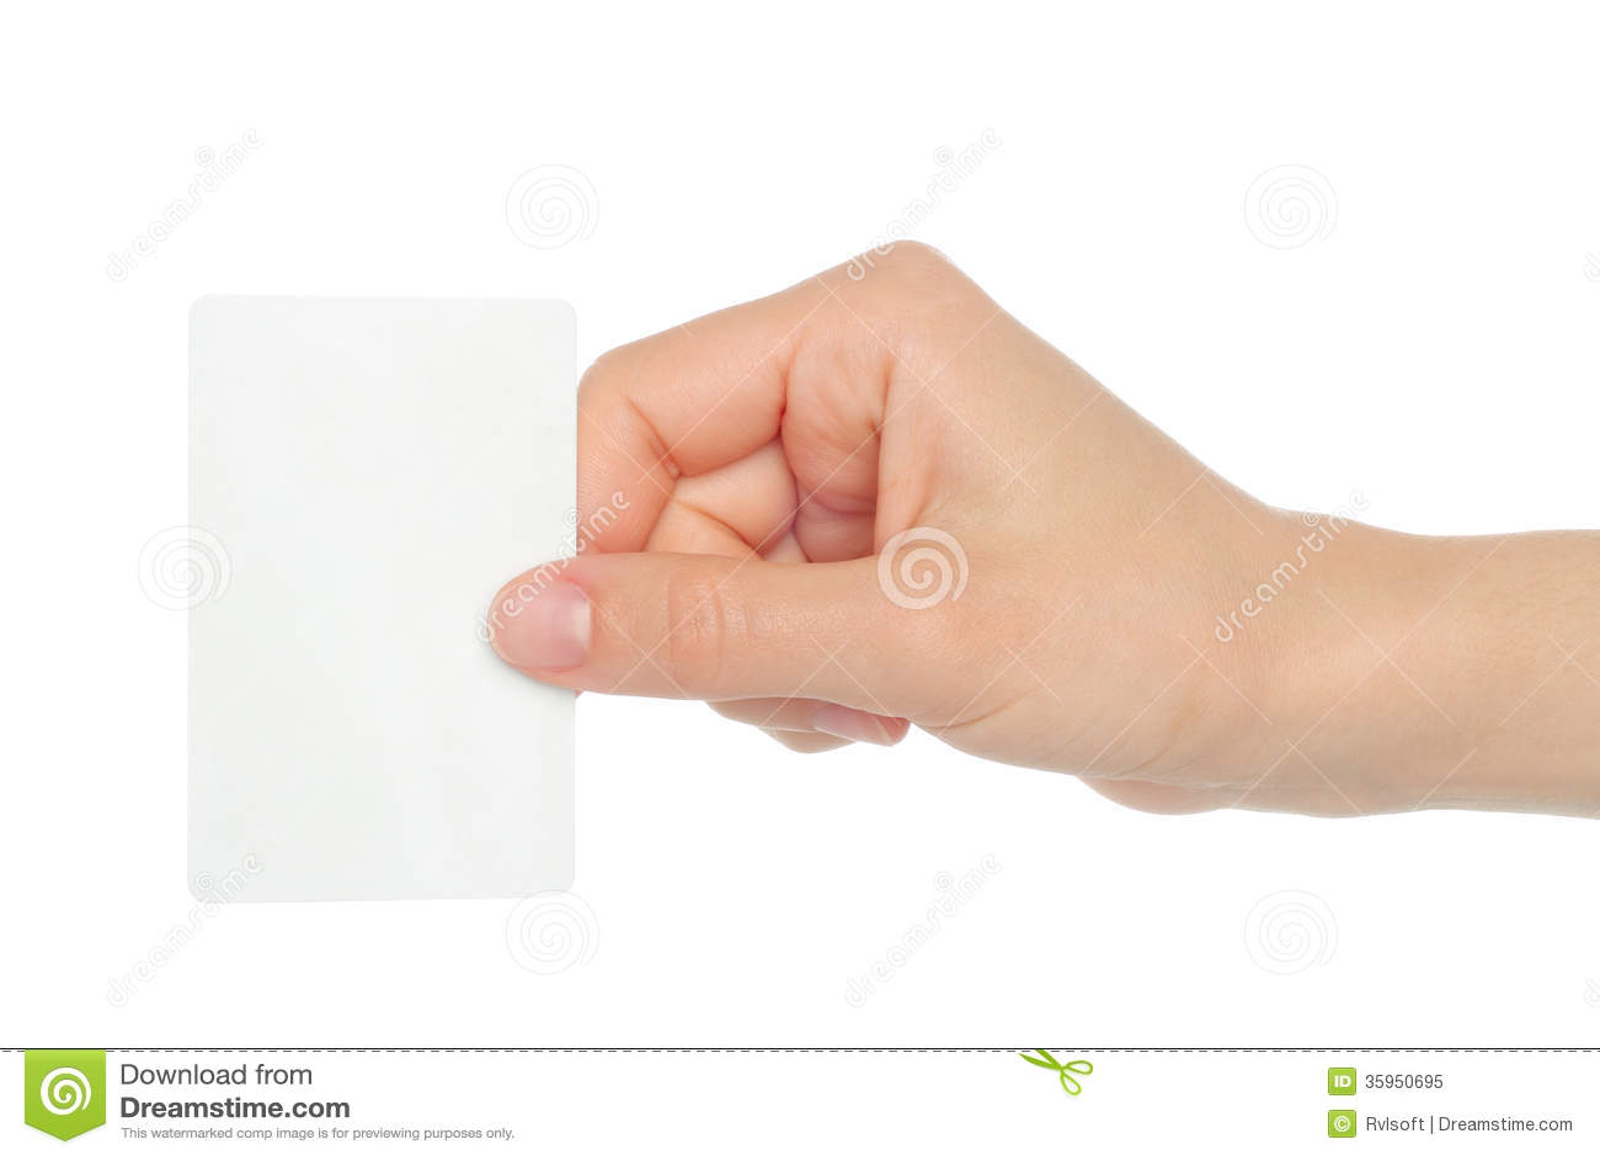 La mano sostiene la tarjeta de visita